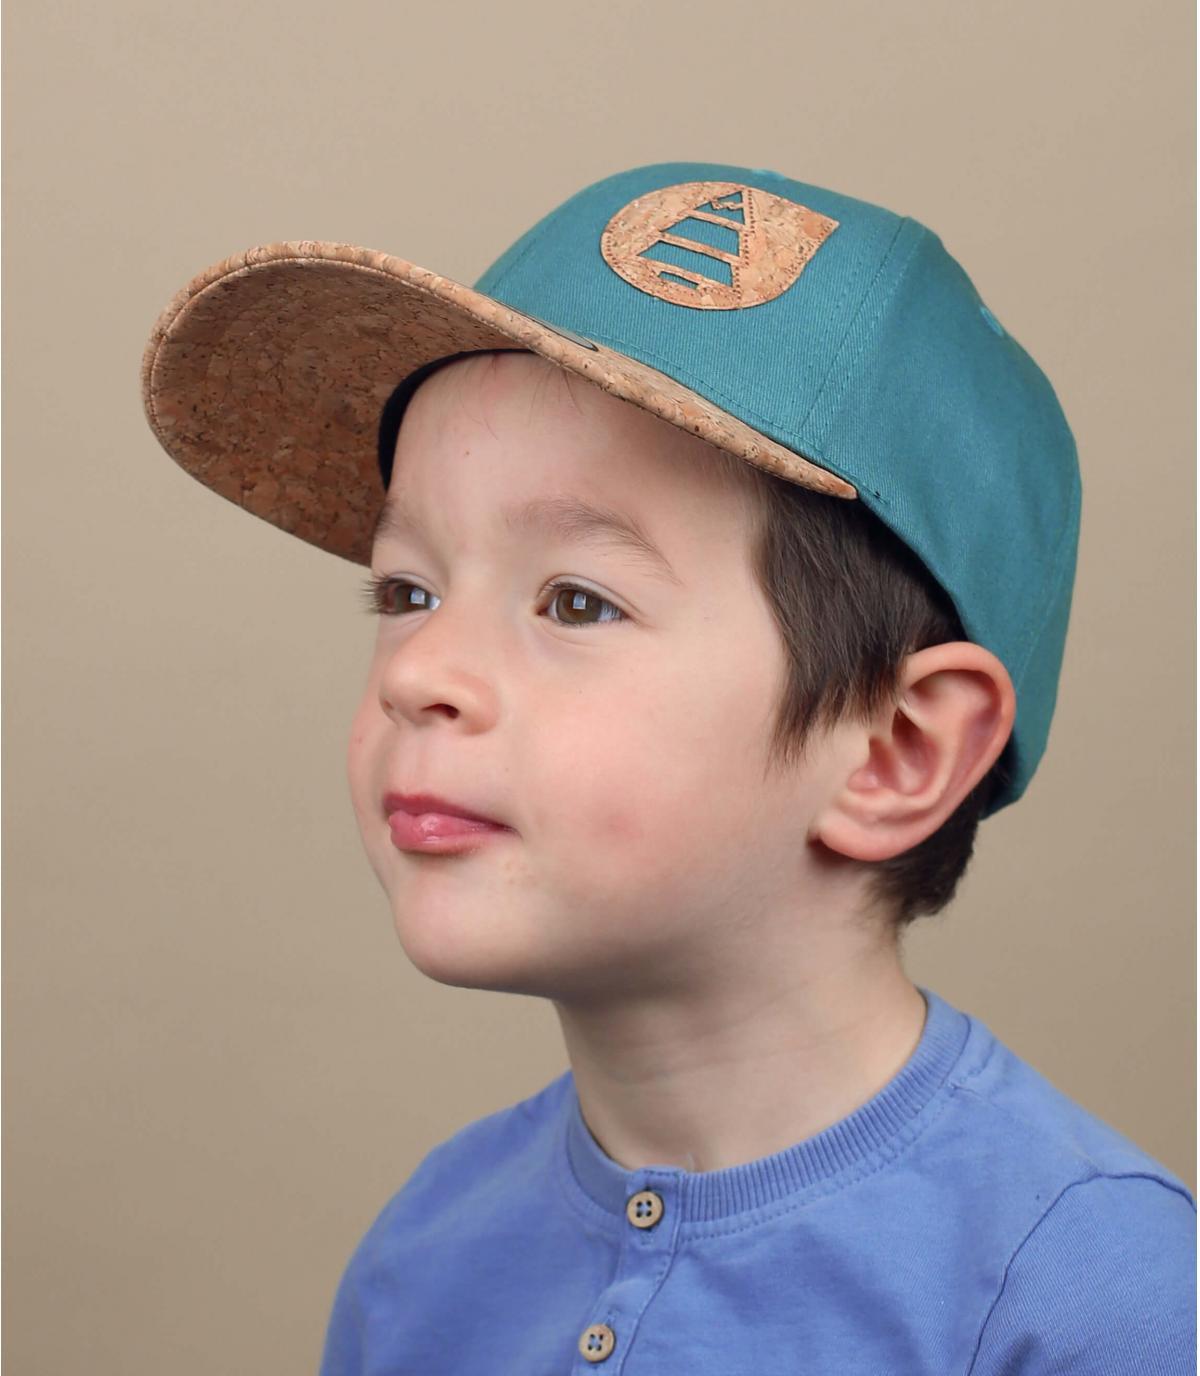 Kinder Cap Picture blau